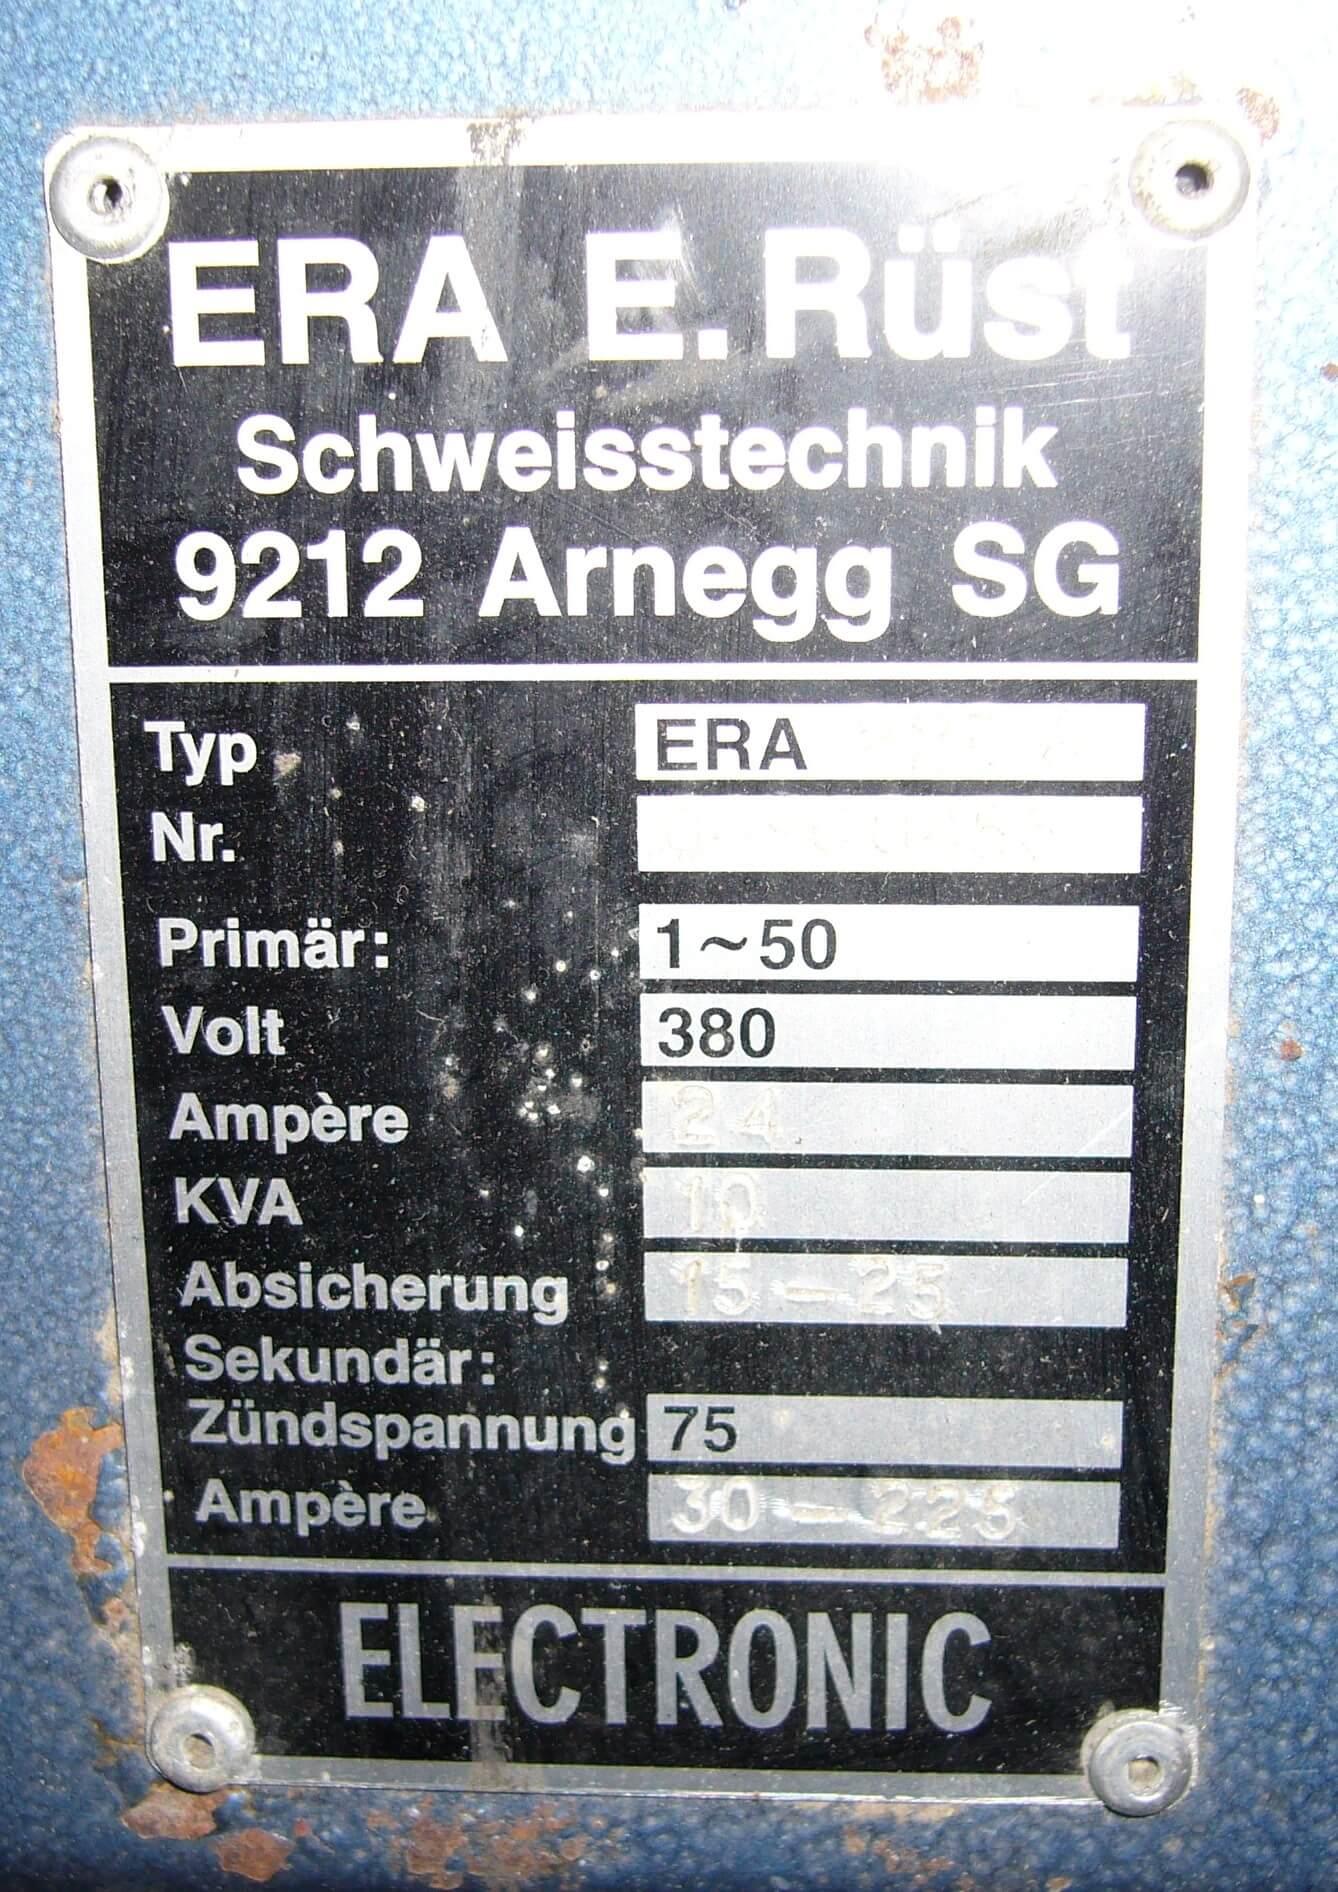 Profi Elektroden Schweiss Gerät